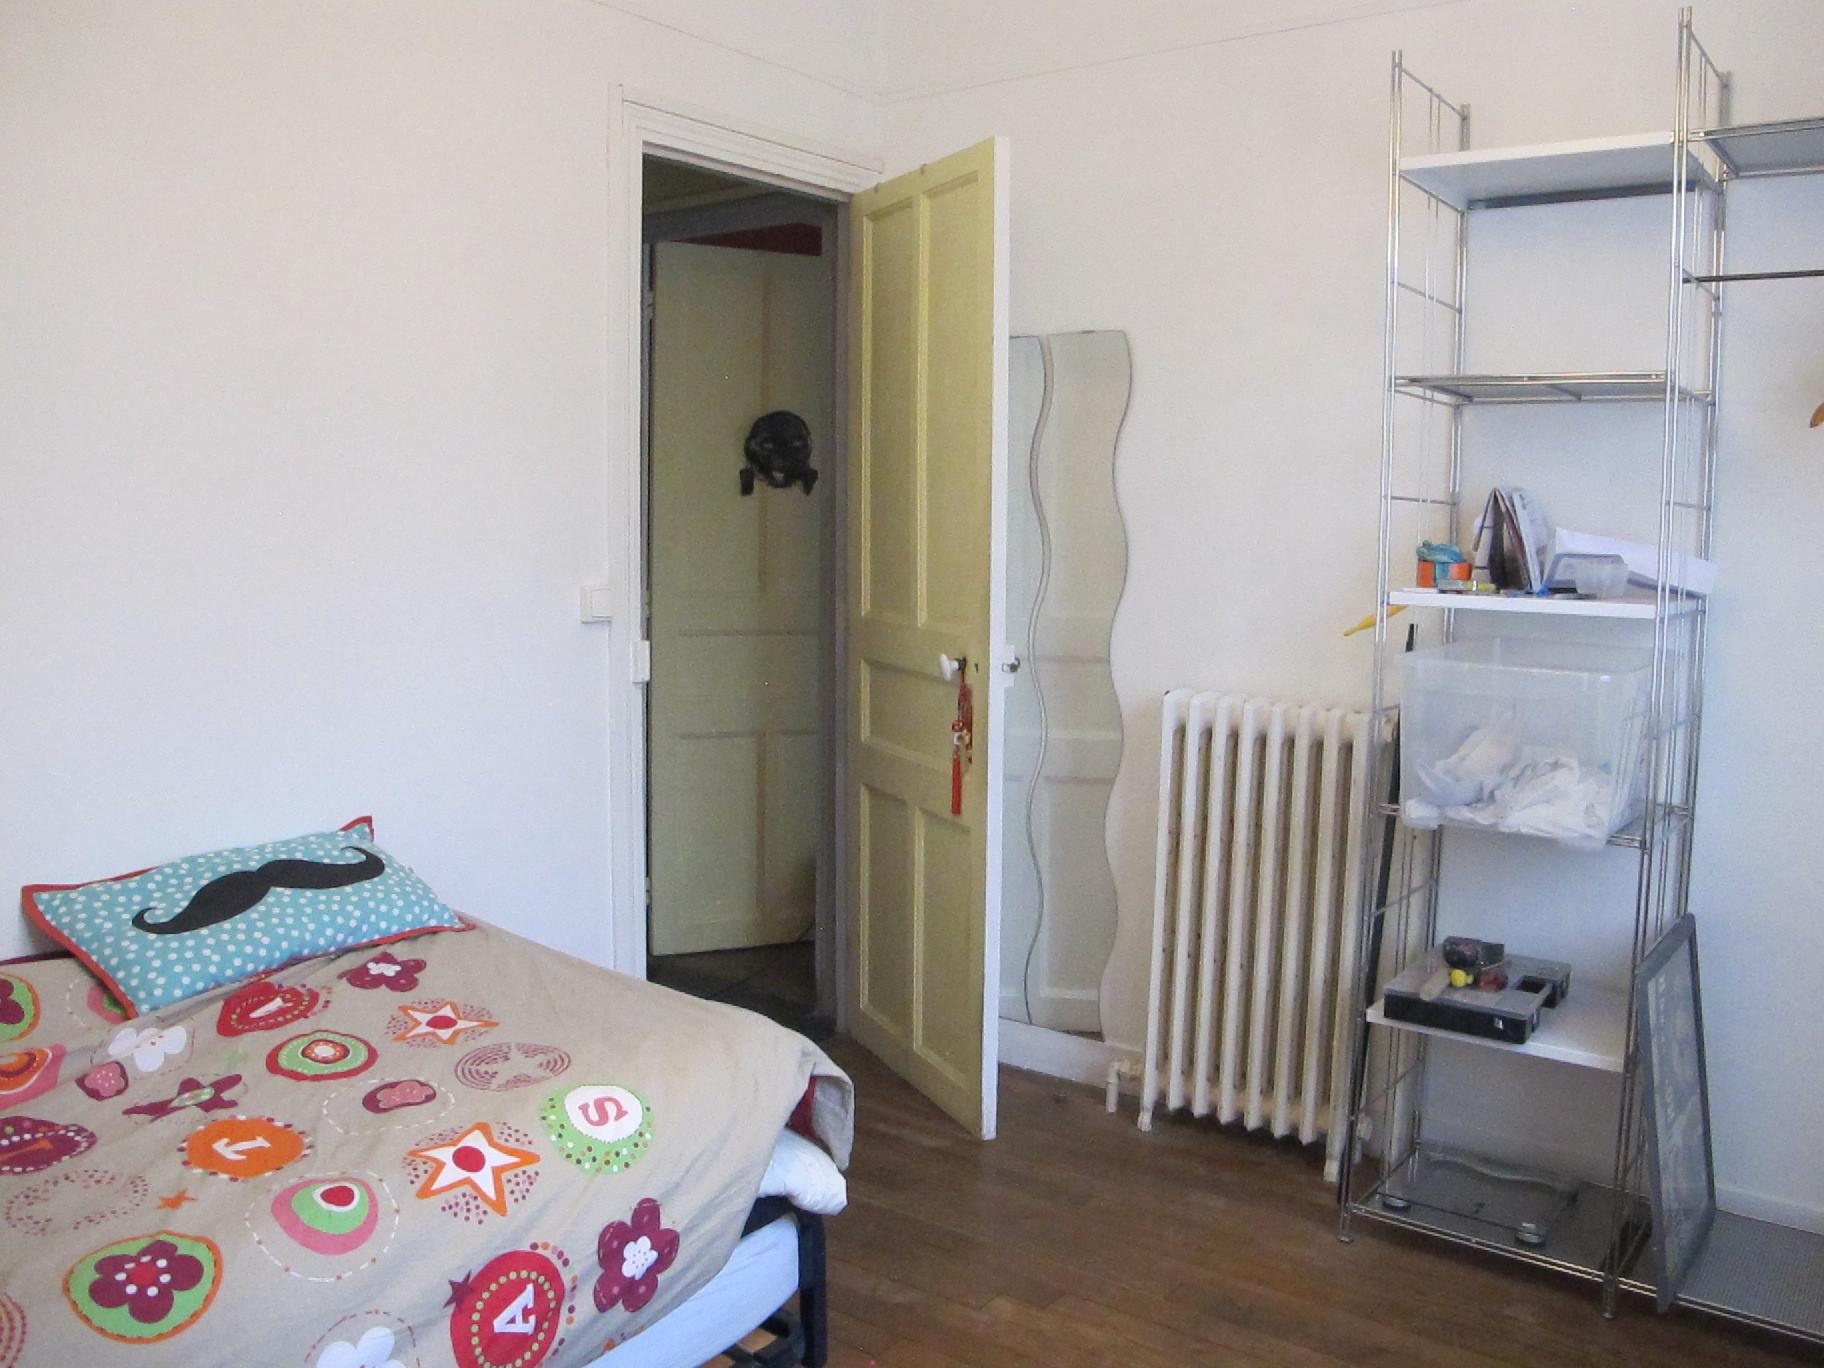 Maison trés agréable avec 3 chambres à louer pour étudiants | Location chambres Paris